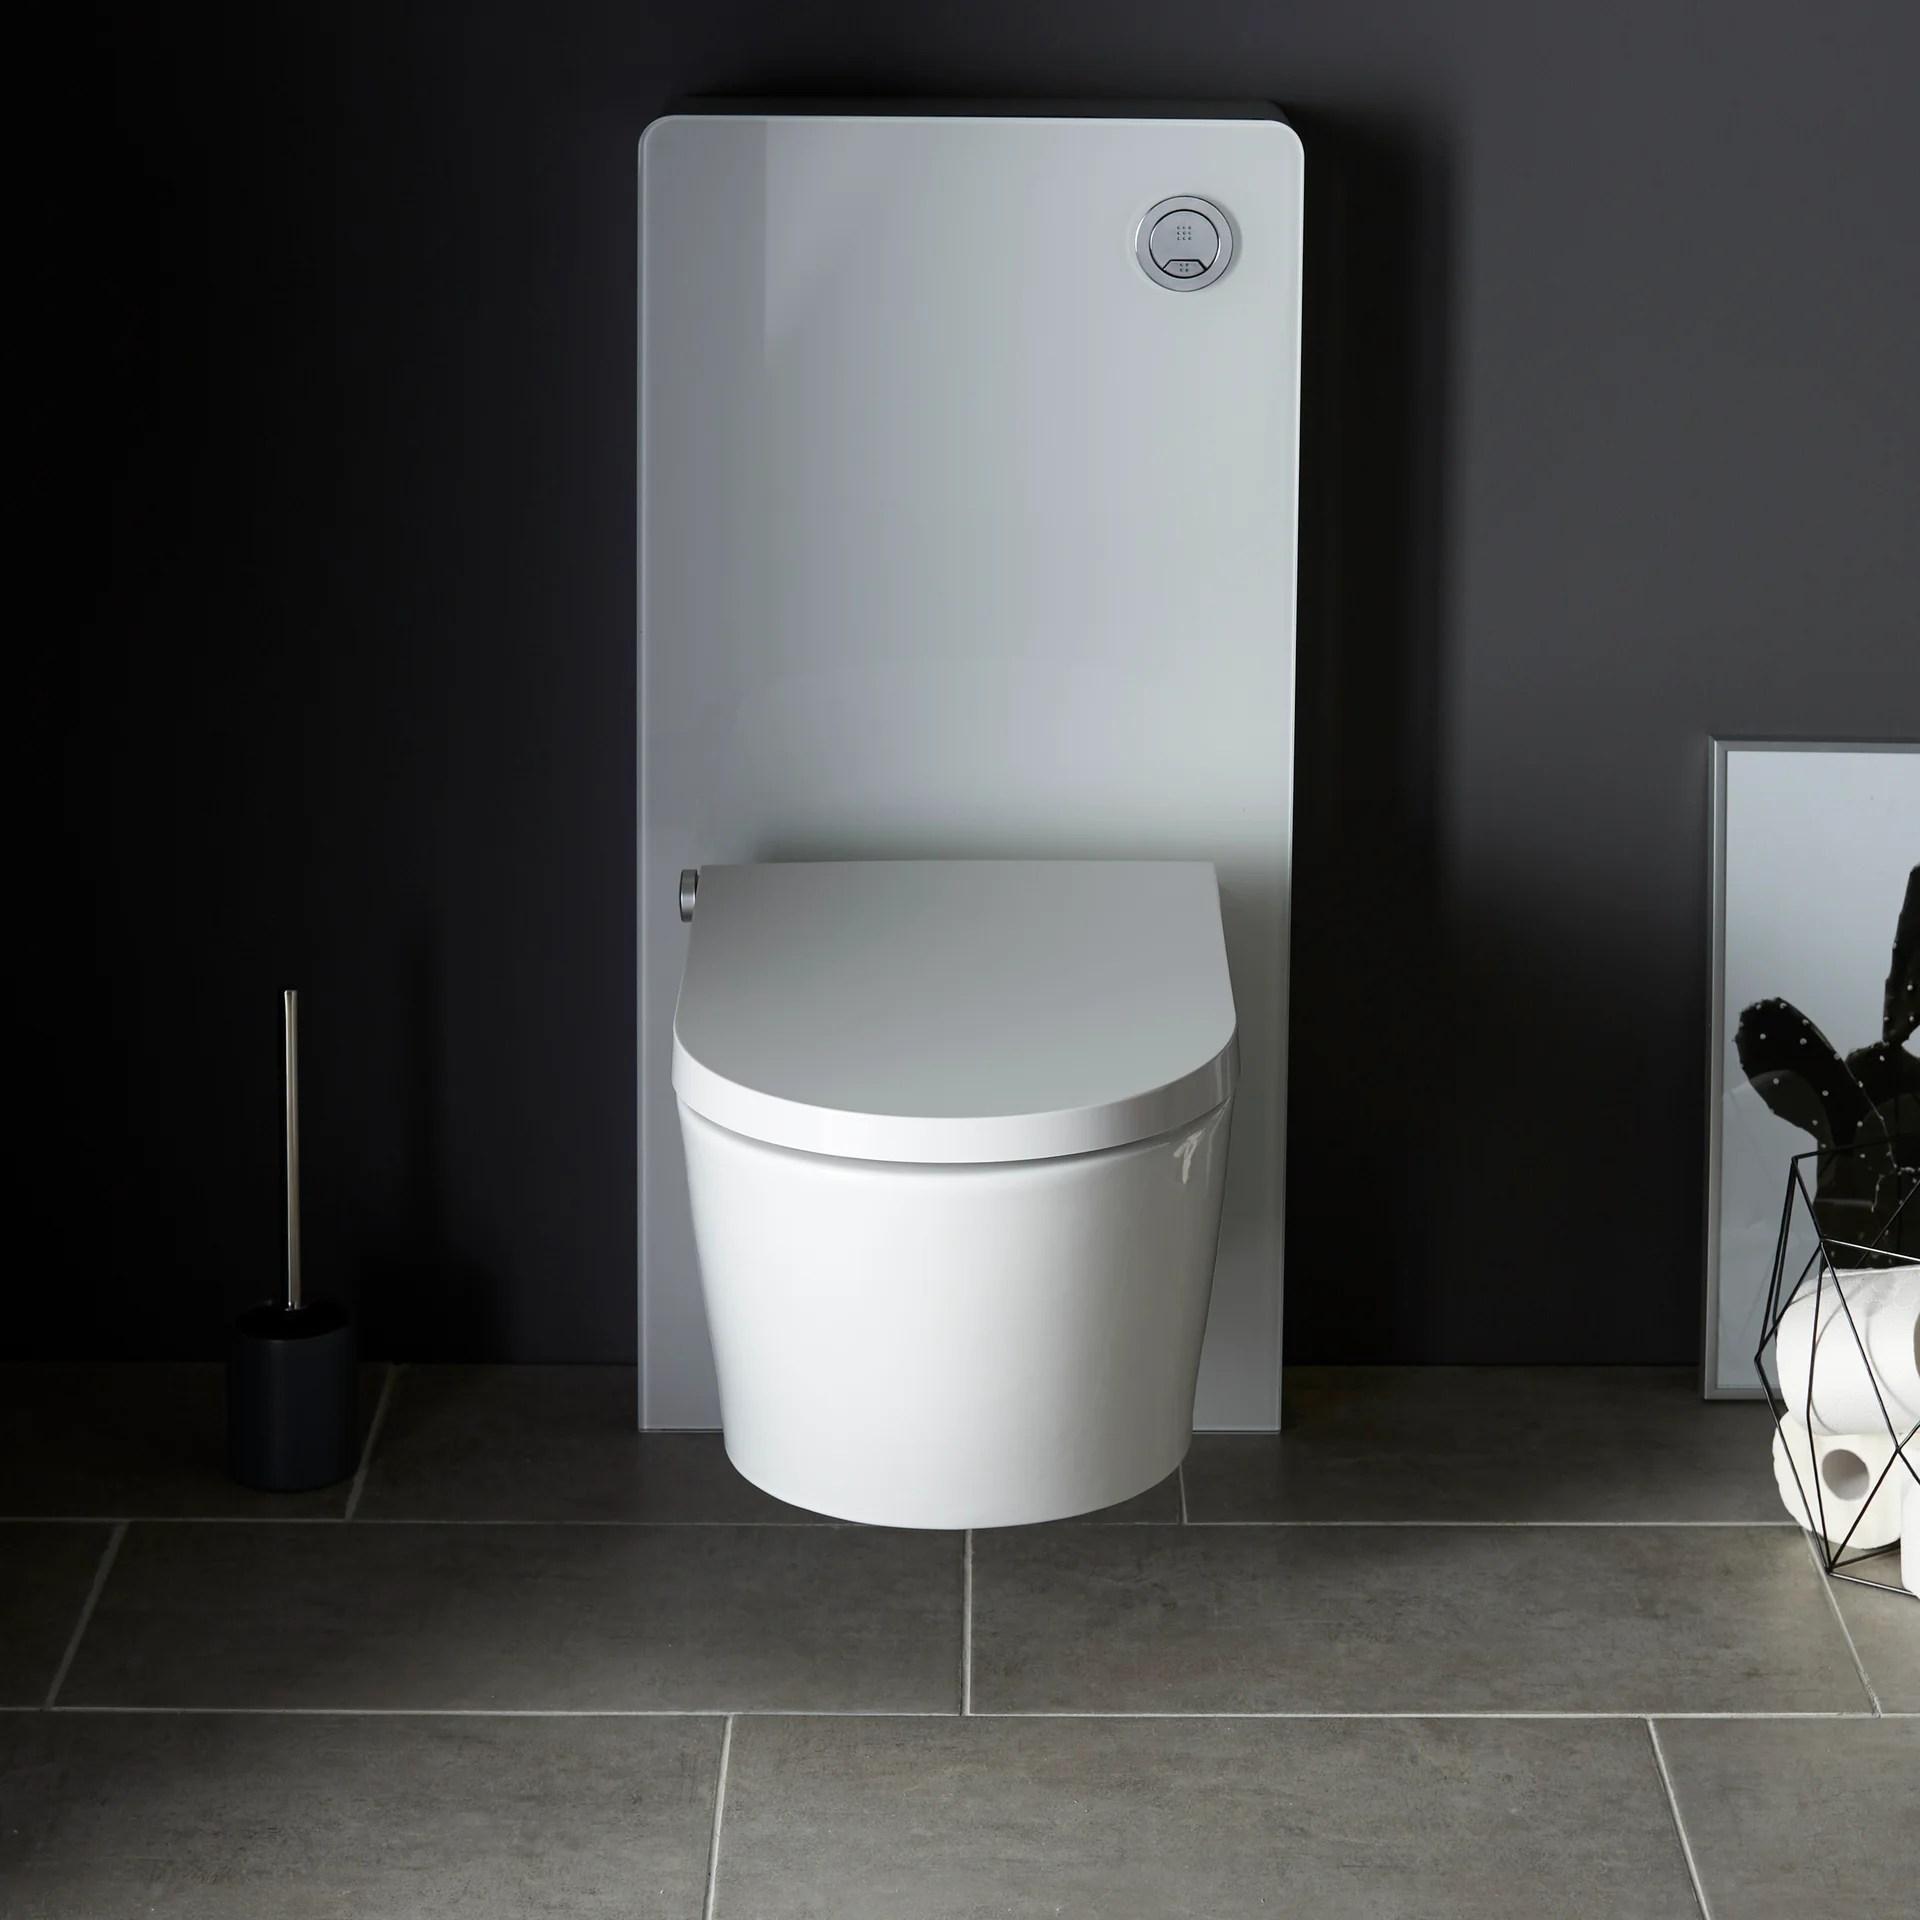 bati support pour wc suspendu en aluminium ruiz blanc